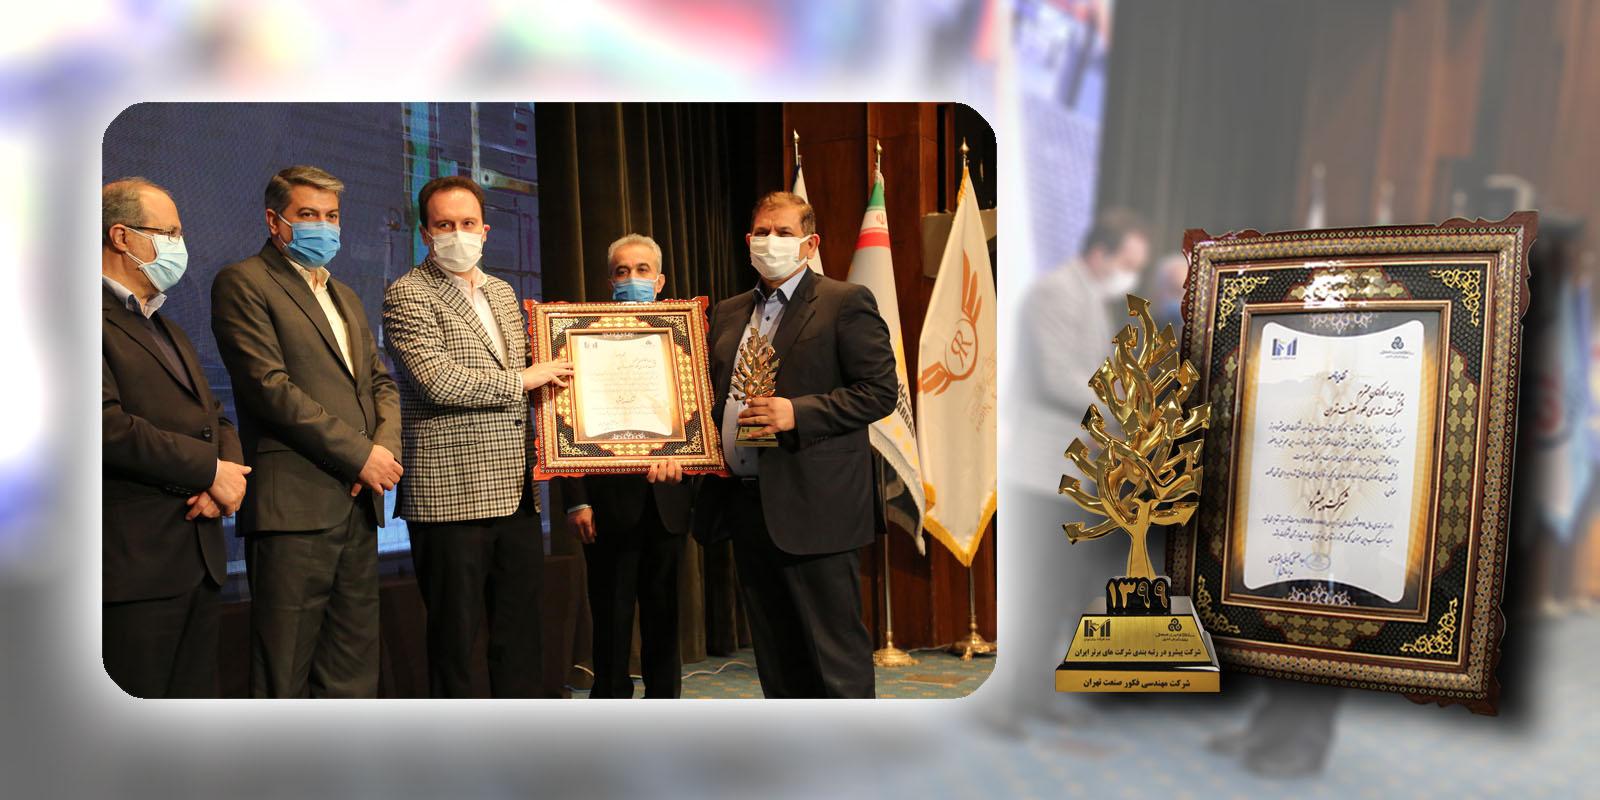 کسب رتبه 99 در بین 500 شرکت برتر ایران در سال 1399